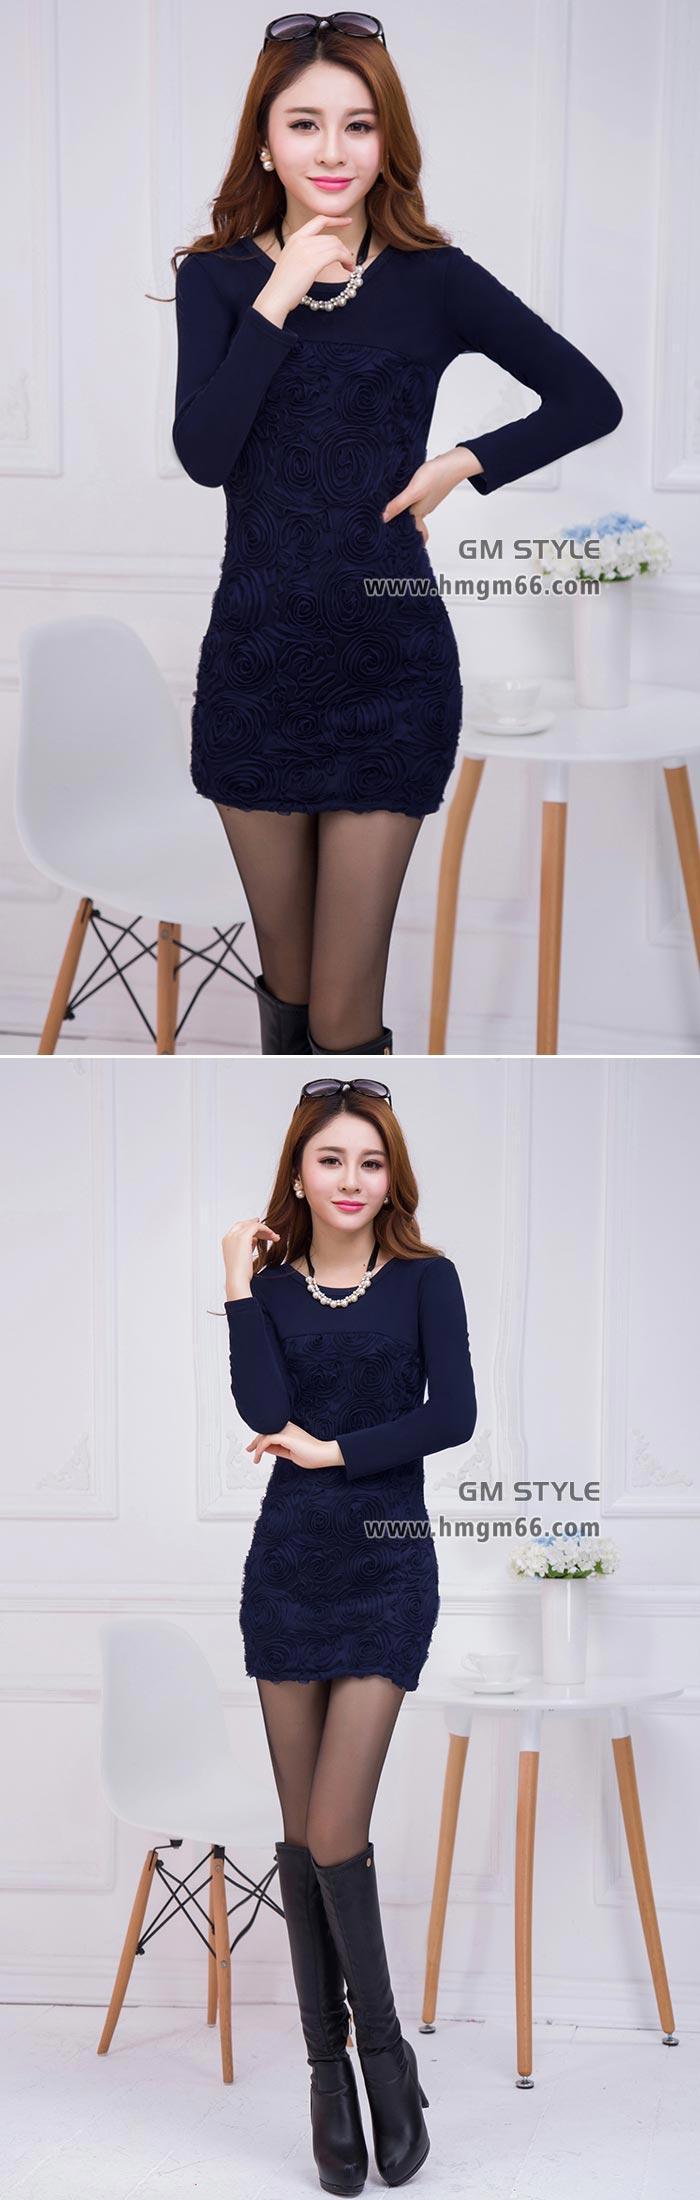 冬季新款女装韩版修身不倒绒加厚中长款打底裙女装包臀打底上衣批发